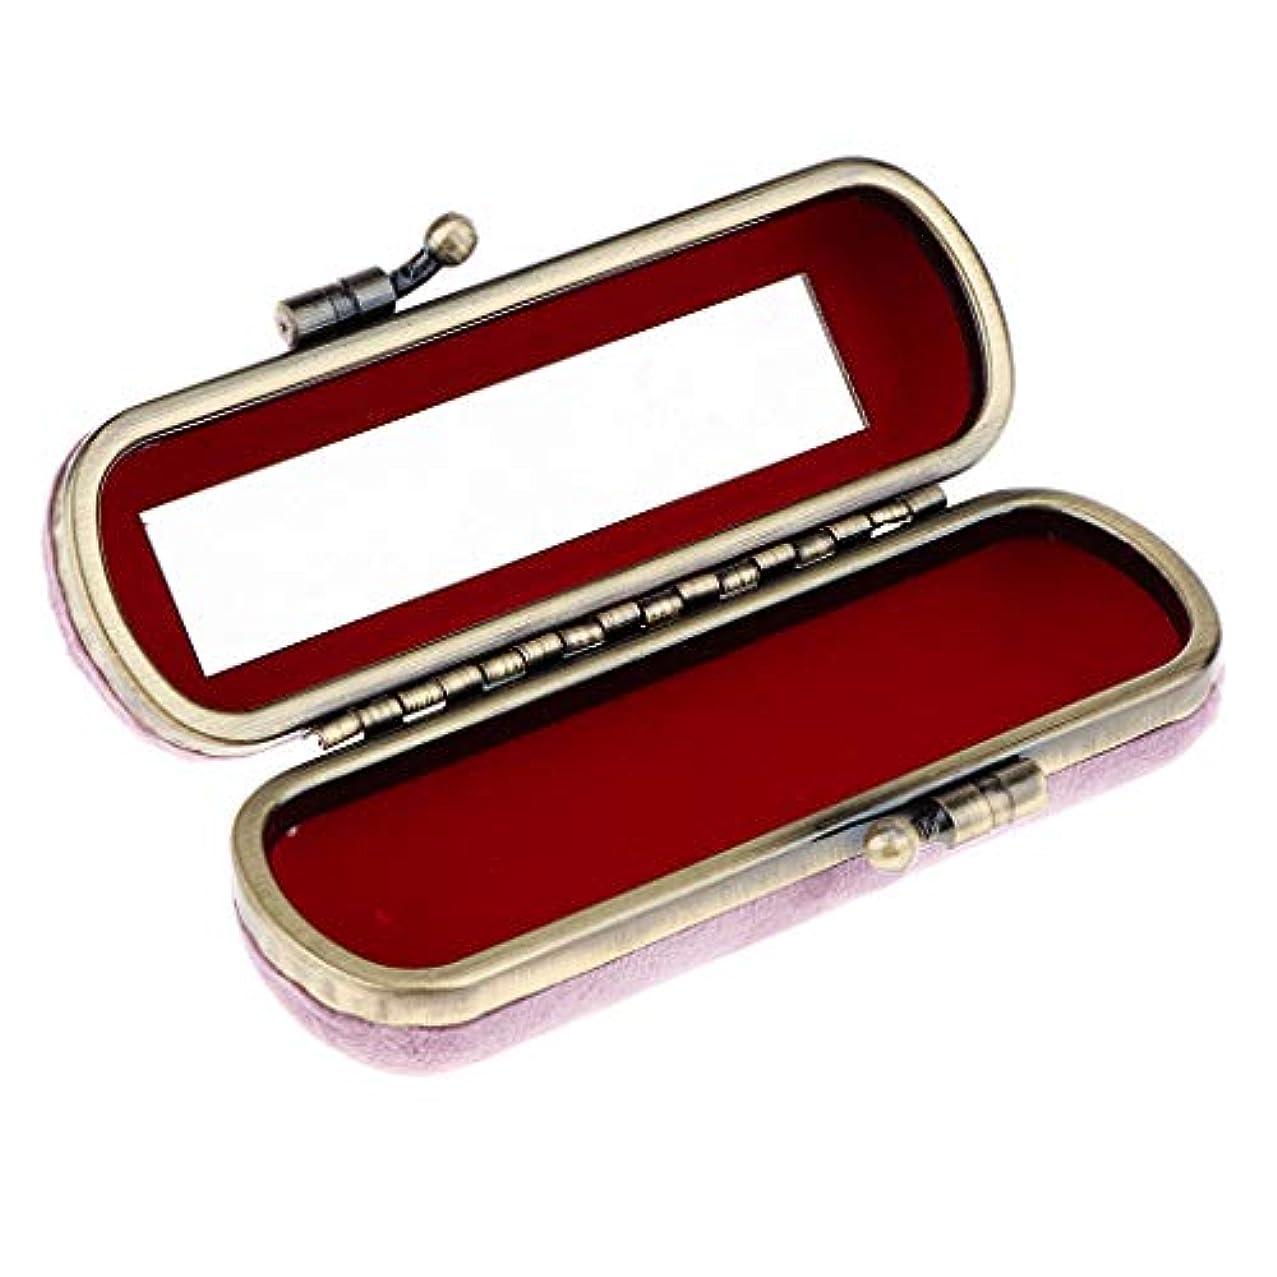 CUTICATE 8色選ぶ ヴィンテージ 化粧ポーチ 口紅ホルダー ミラー付き リップグロスホルダー 化粧ケース - ピンク